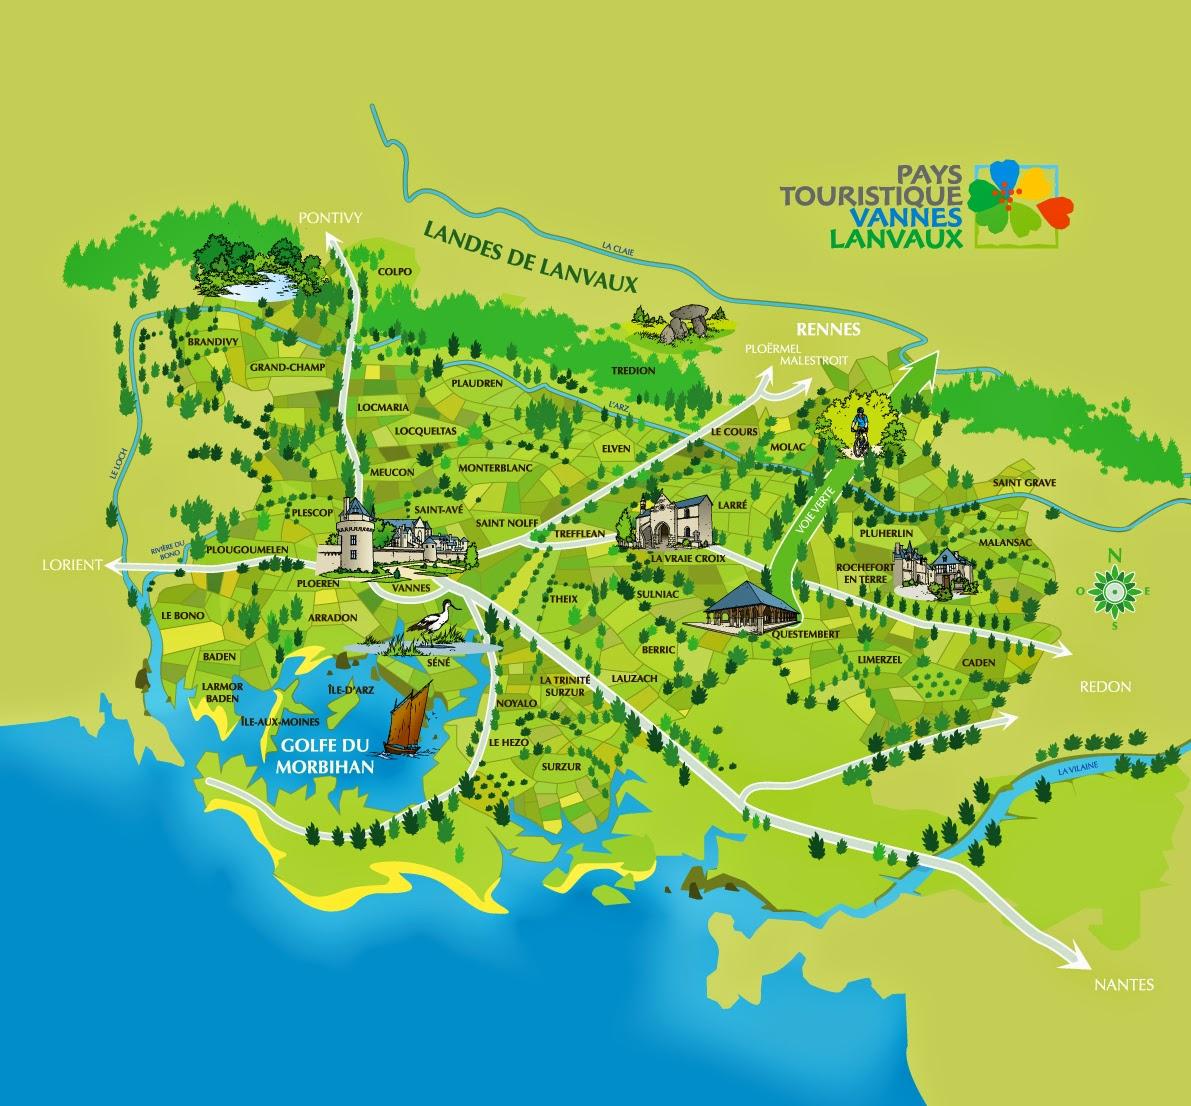 Mapa de Vannes y alrededores.